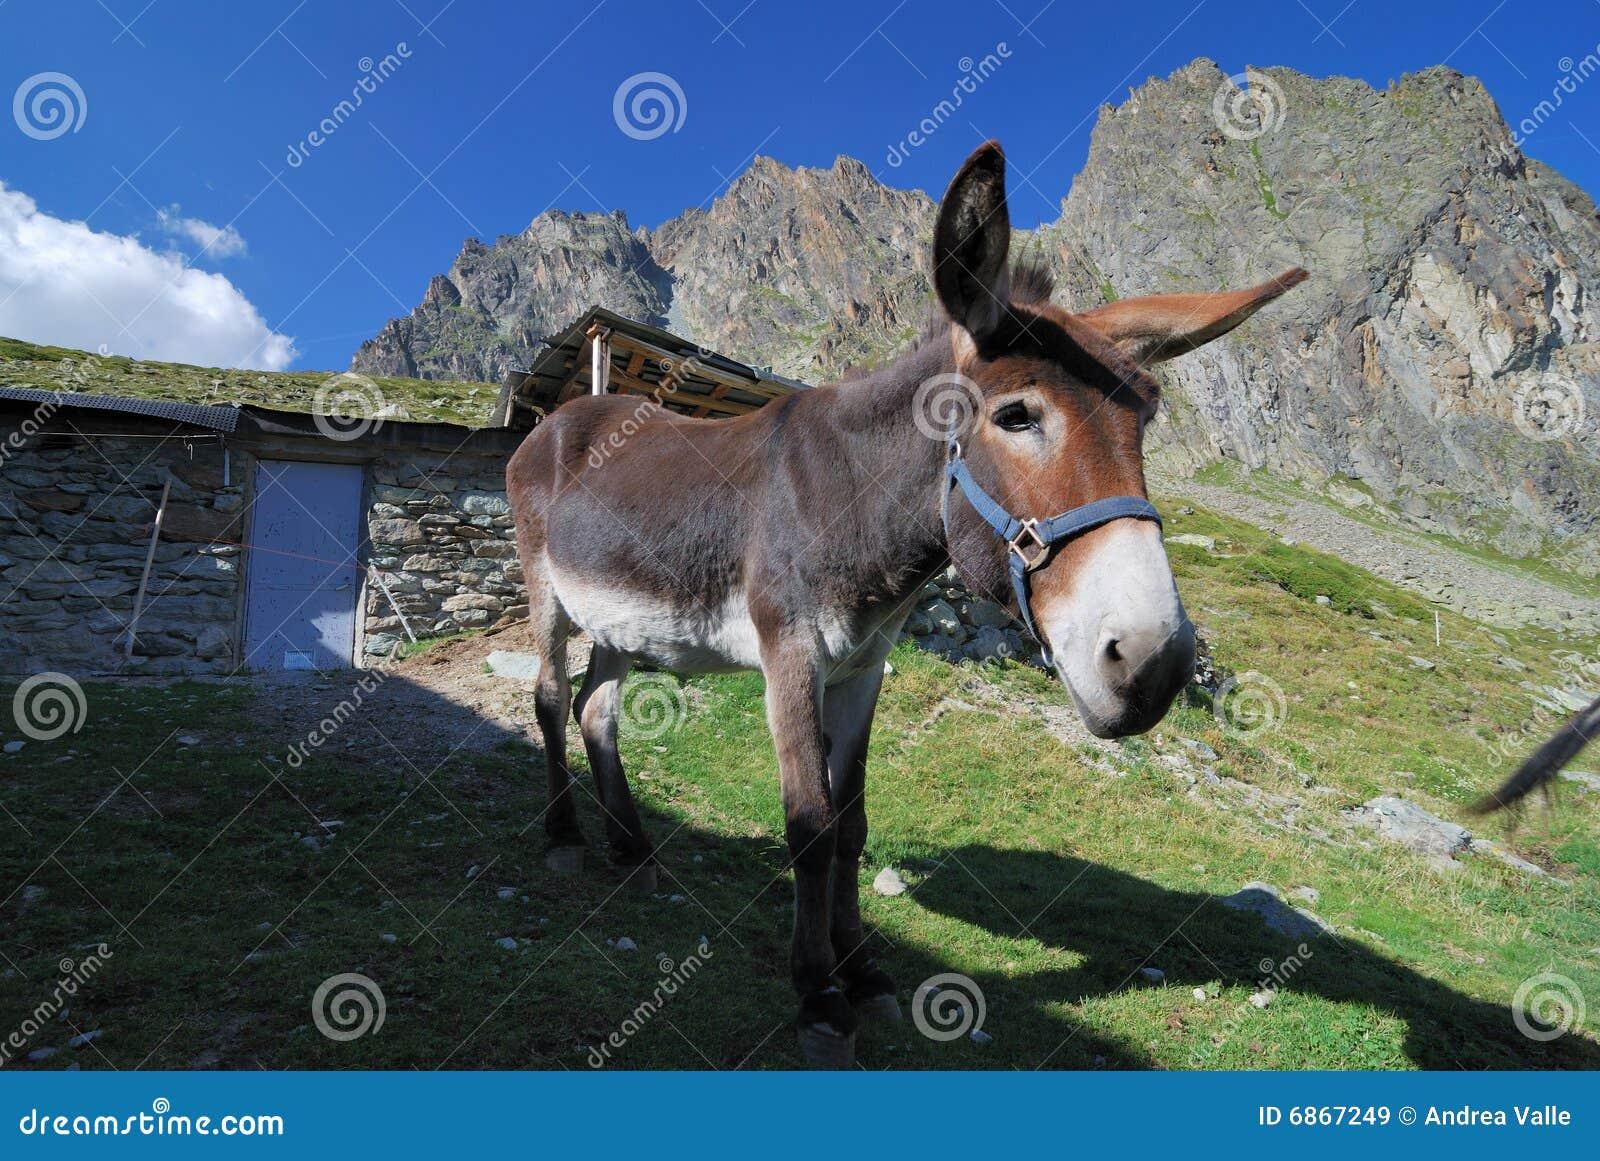 Mule !!